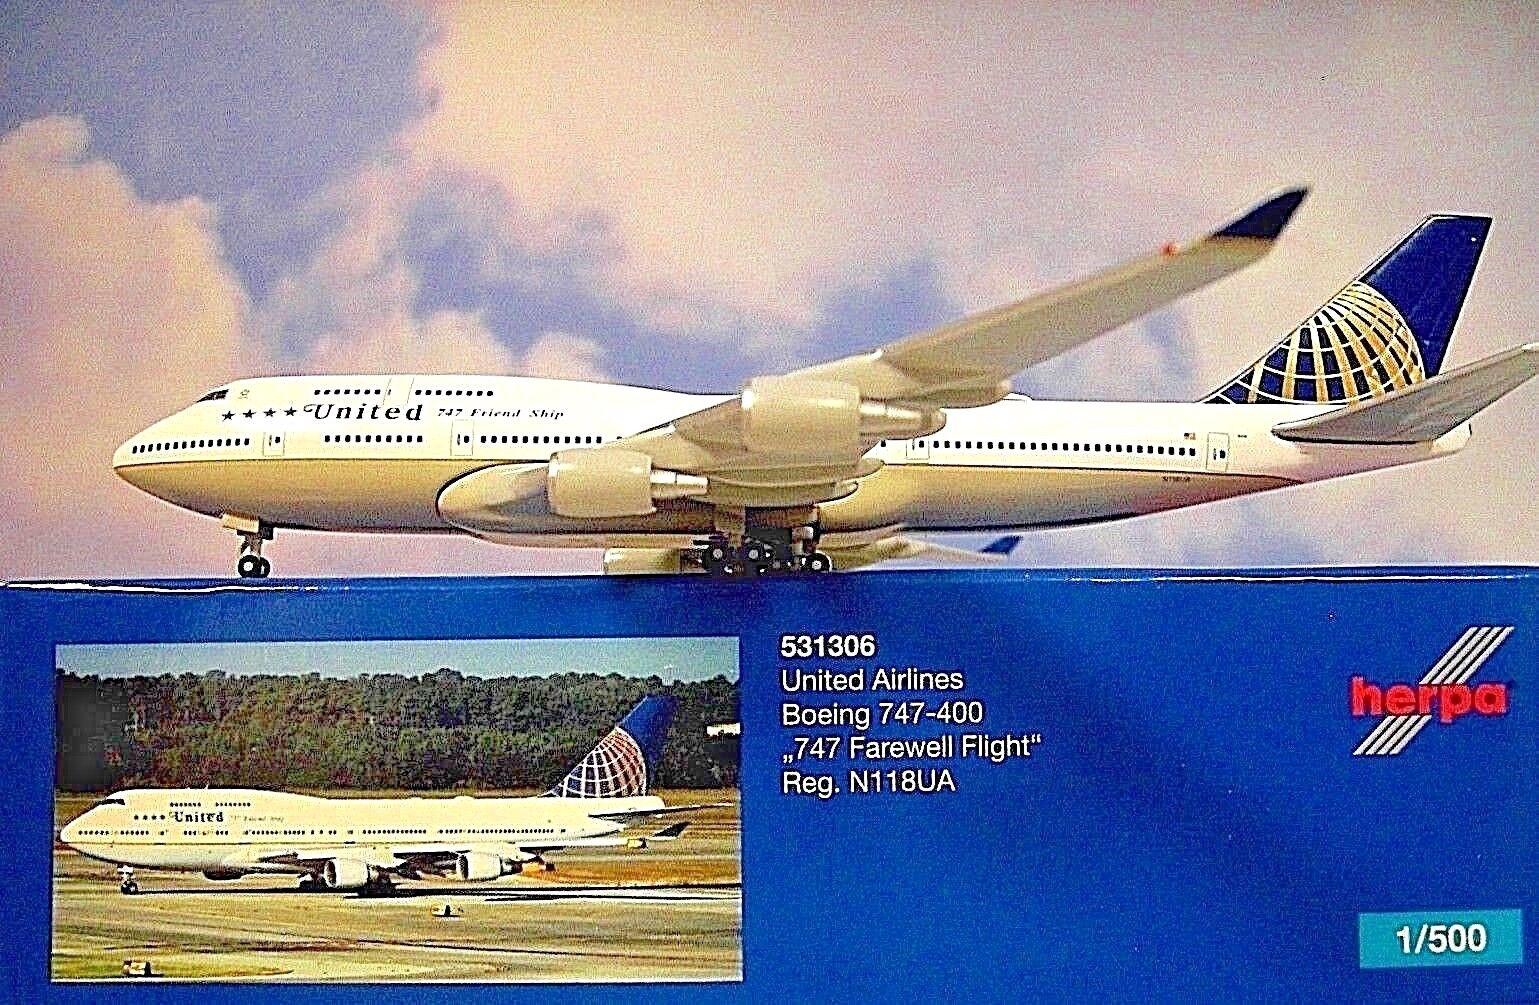 Herpa Herpa Herpa Wings 1 500 Boeing 747-400 United N118ua 747 531306 Modellairport500 ed3ae4